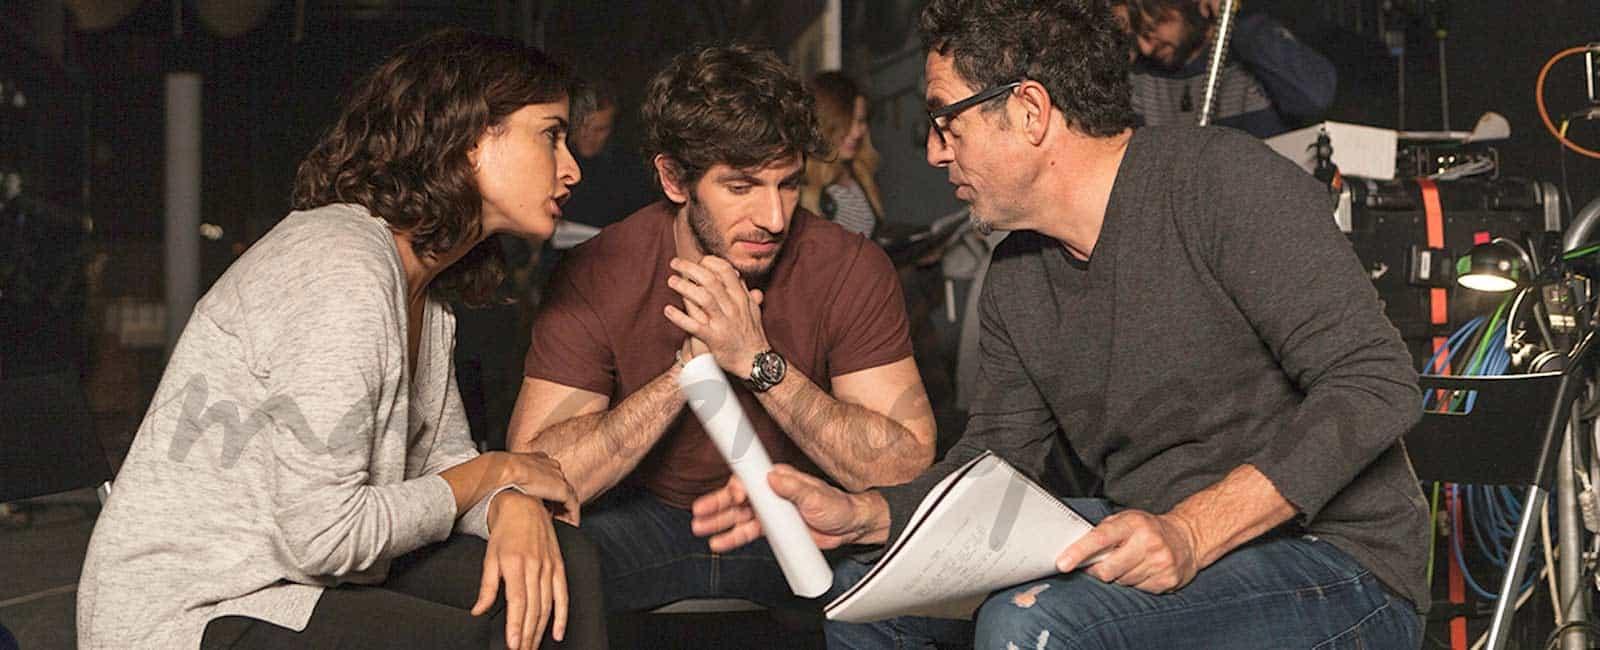 Comienza el rodaje de «El accidente», la nueva serie protagonizada por Inma Cuesta y Quim Gutiérrez